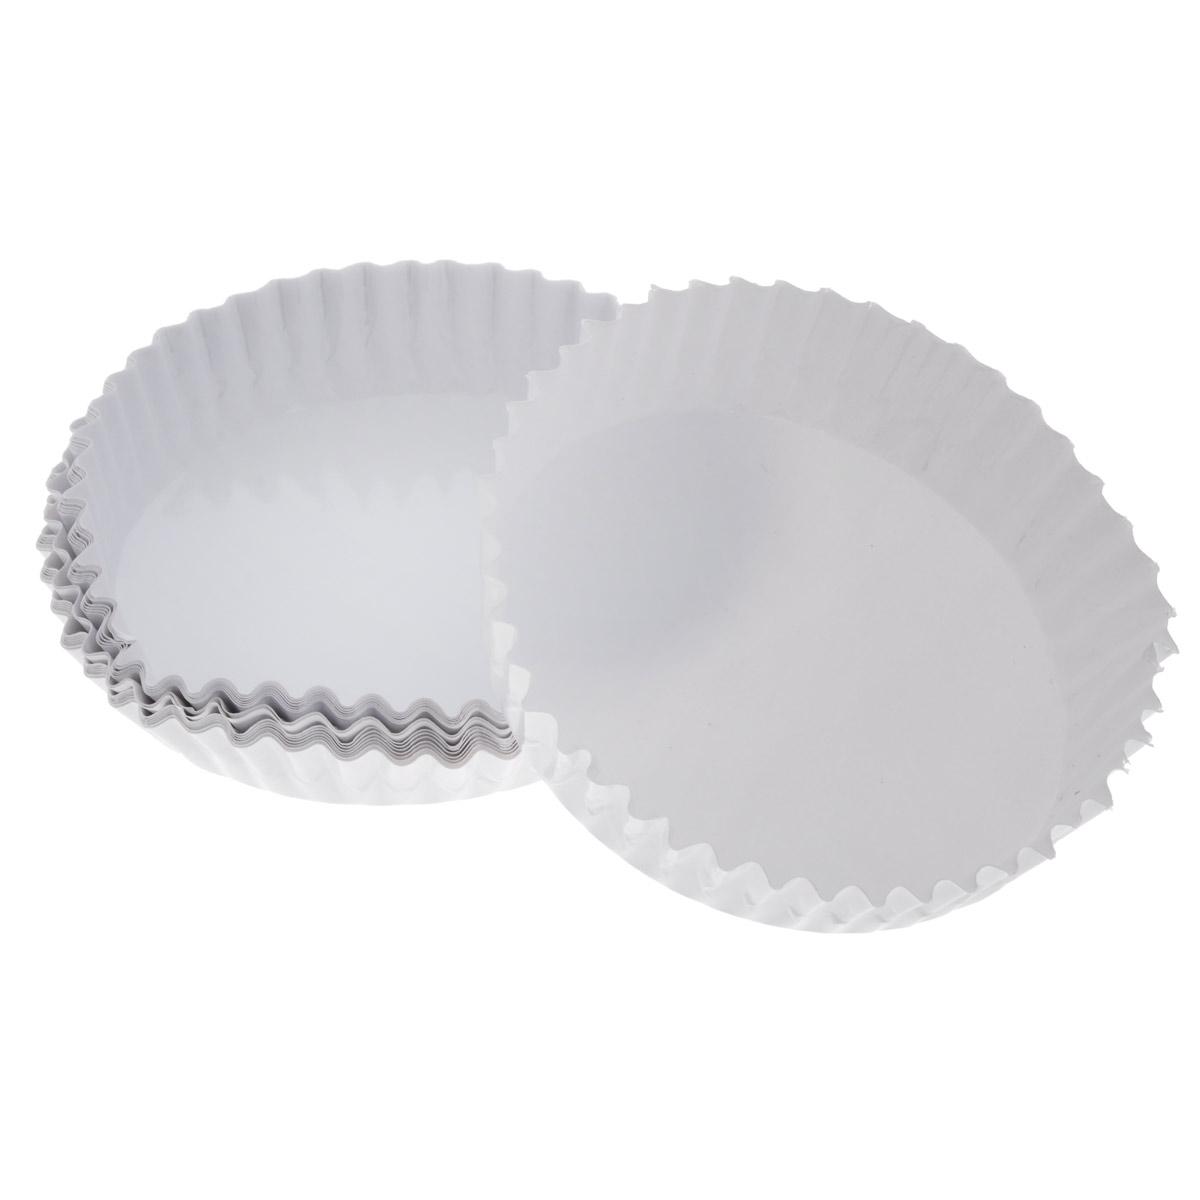 Набор бумажных форм для кексов Wilton, цвет: белый, диаметр 7 см, 18 шт